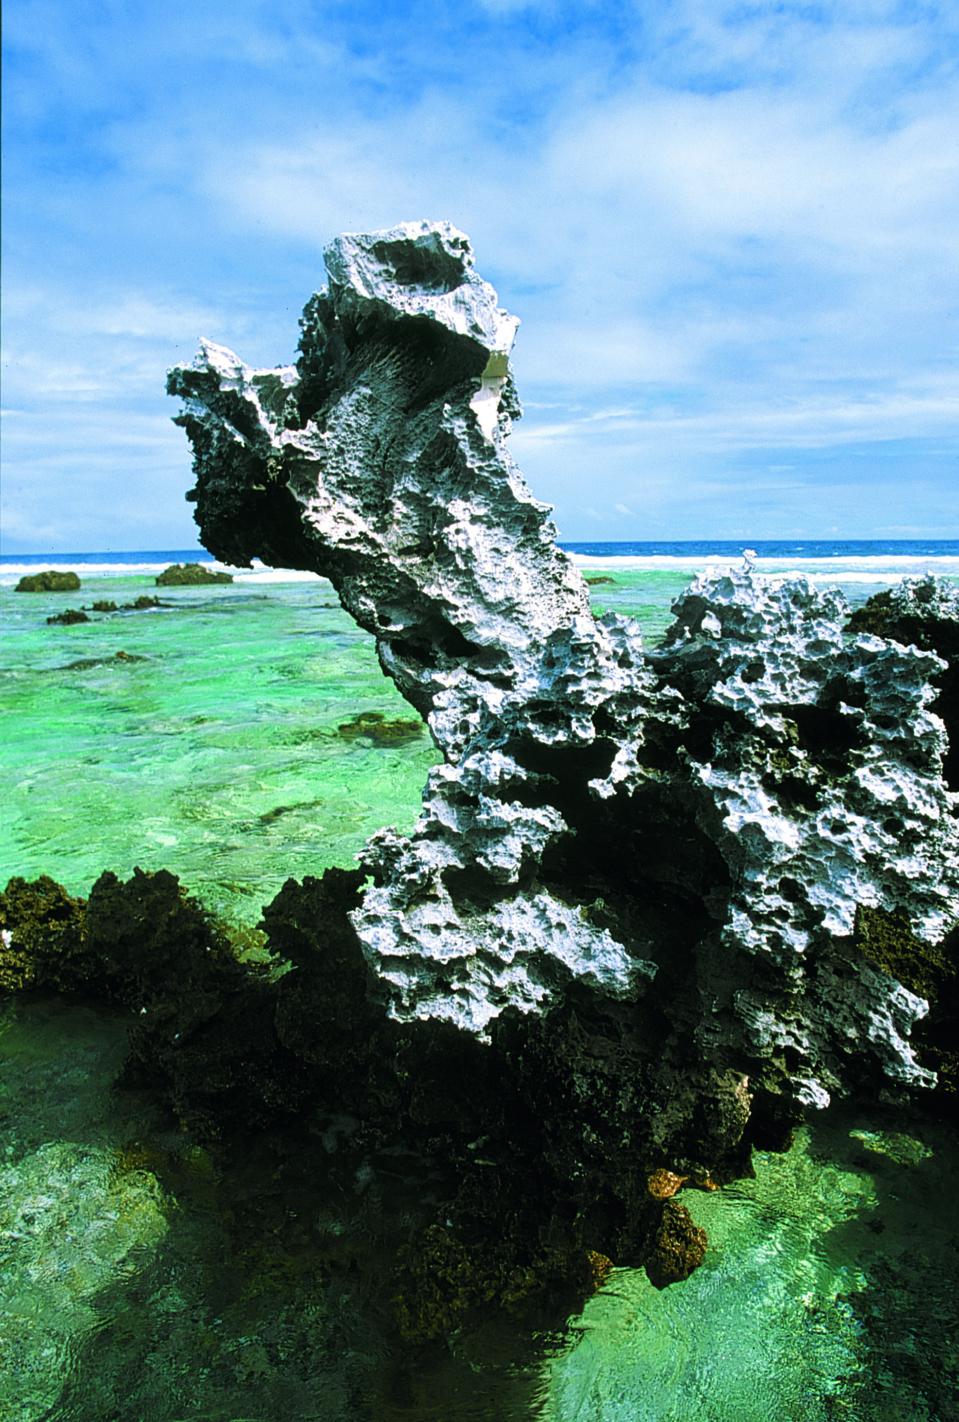 Un monstre marin ? Simplement le résultat de l'érosion sur le substrat calcaire de l'atoll, depuis qu'il s'est surélevé.